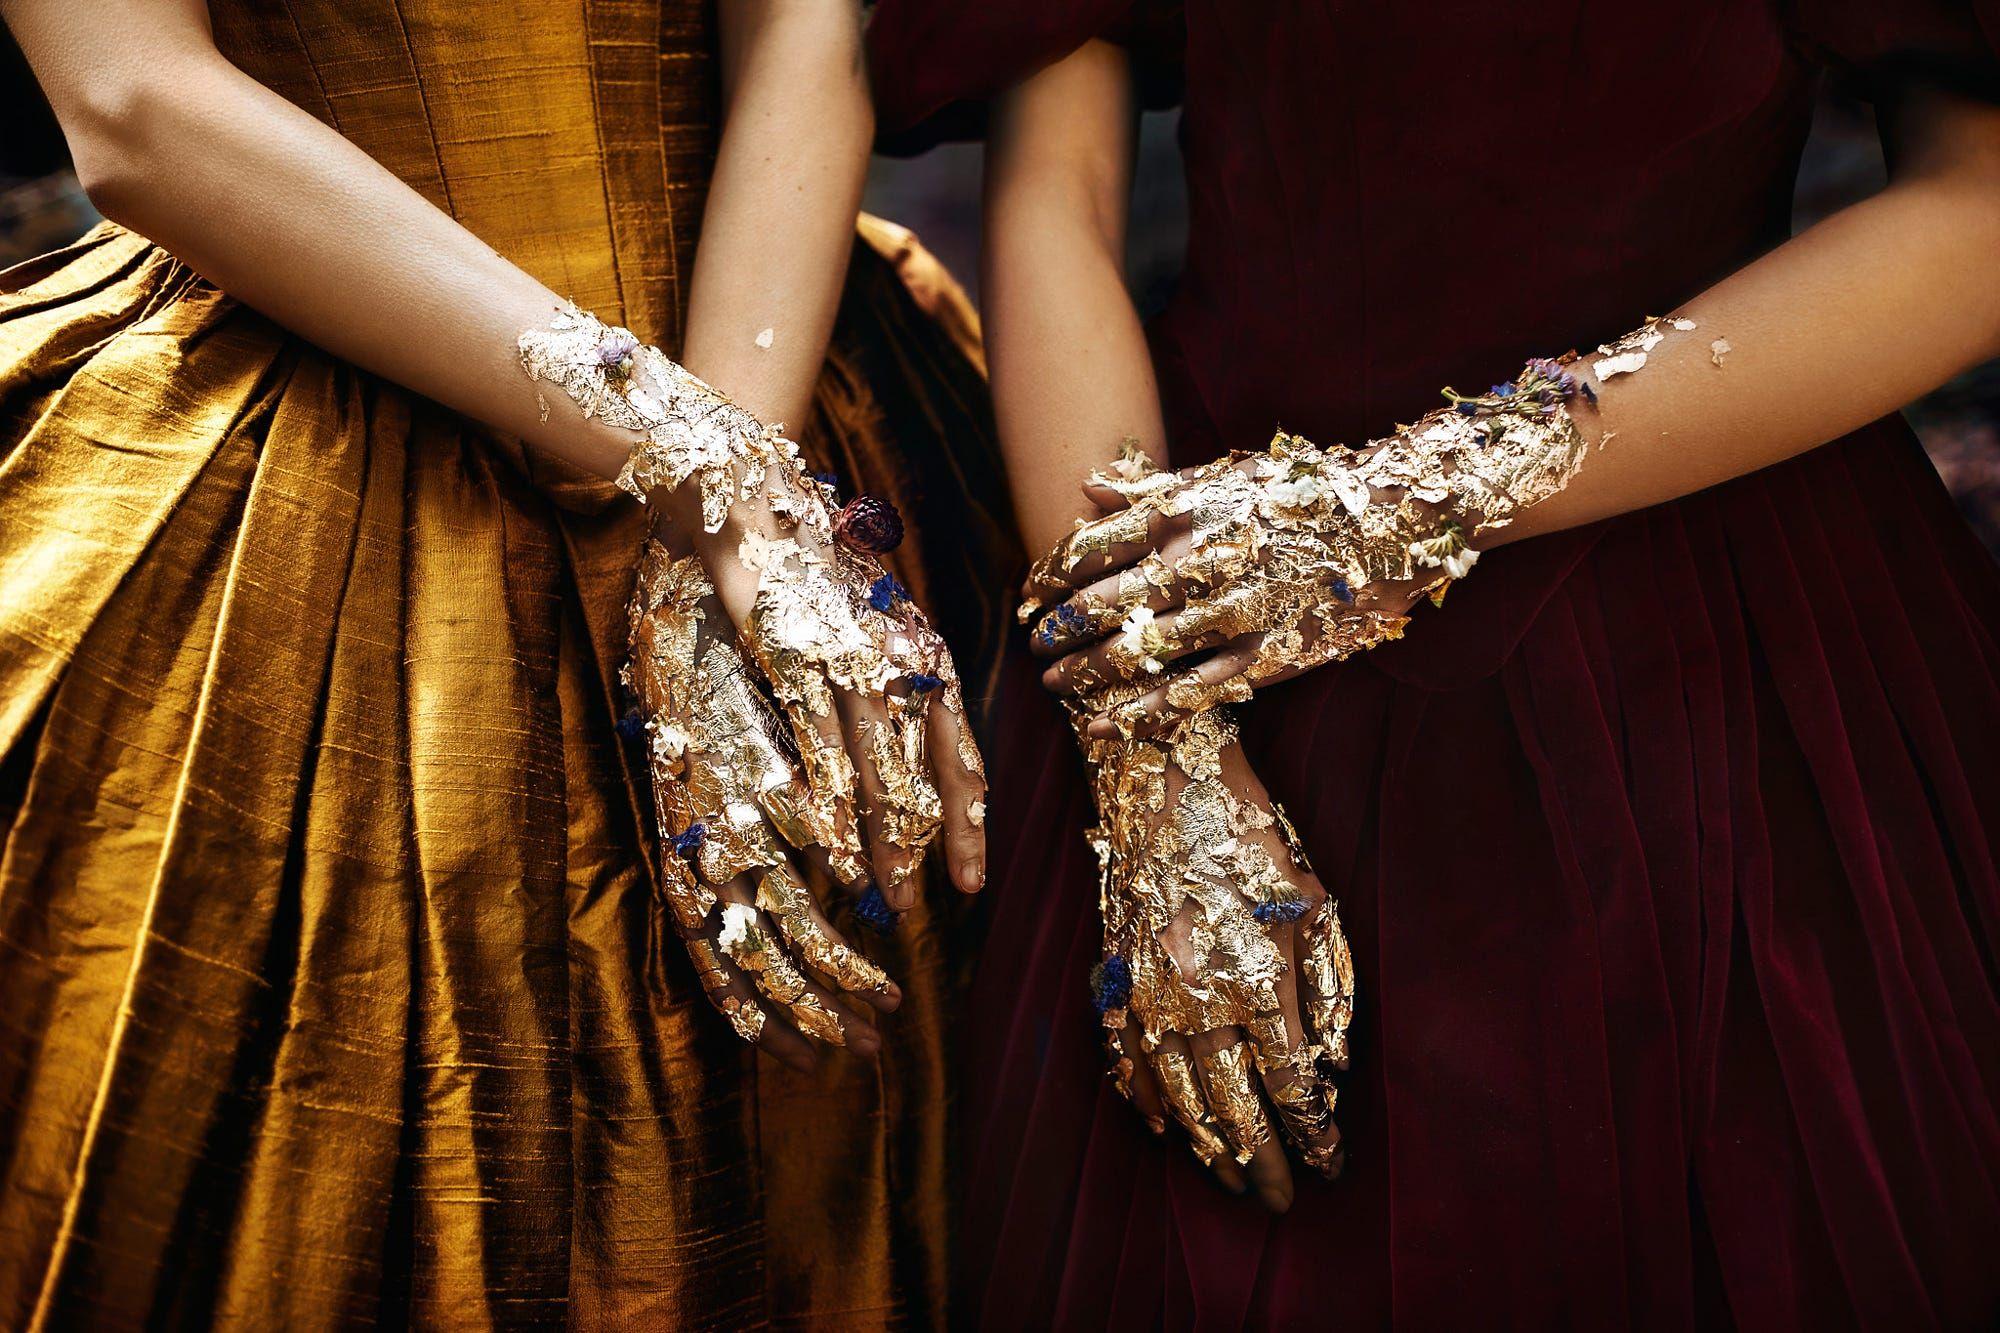 Golden Touch Facebook Fine Art Actions A dreamer I